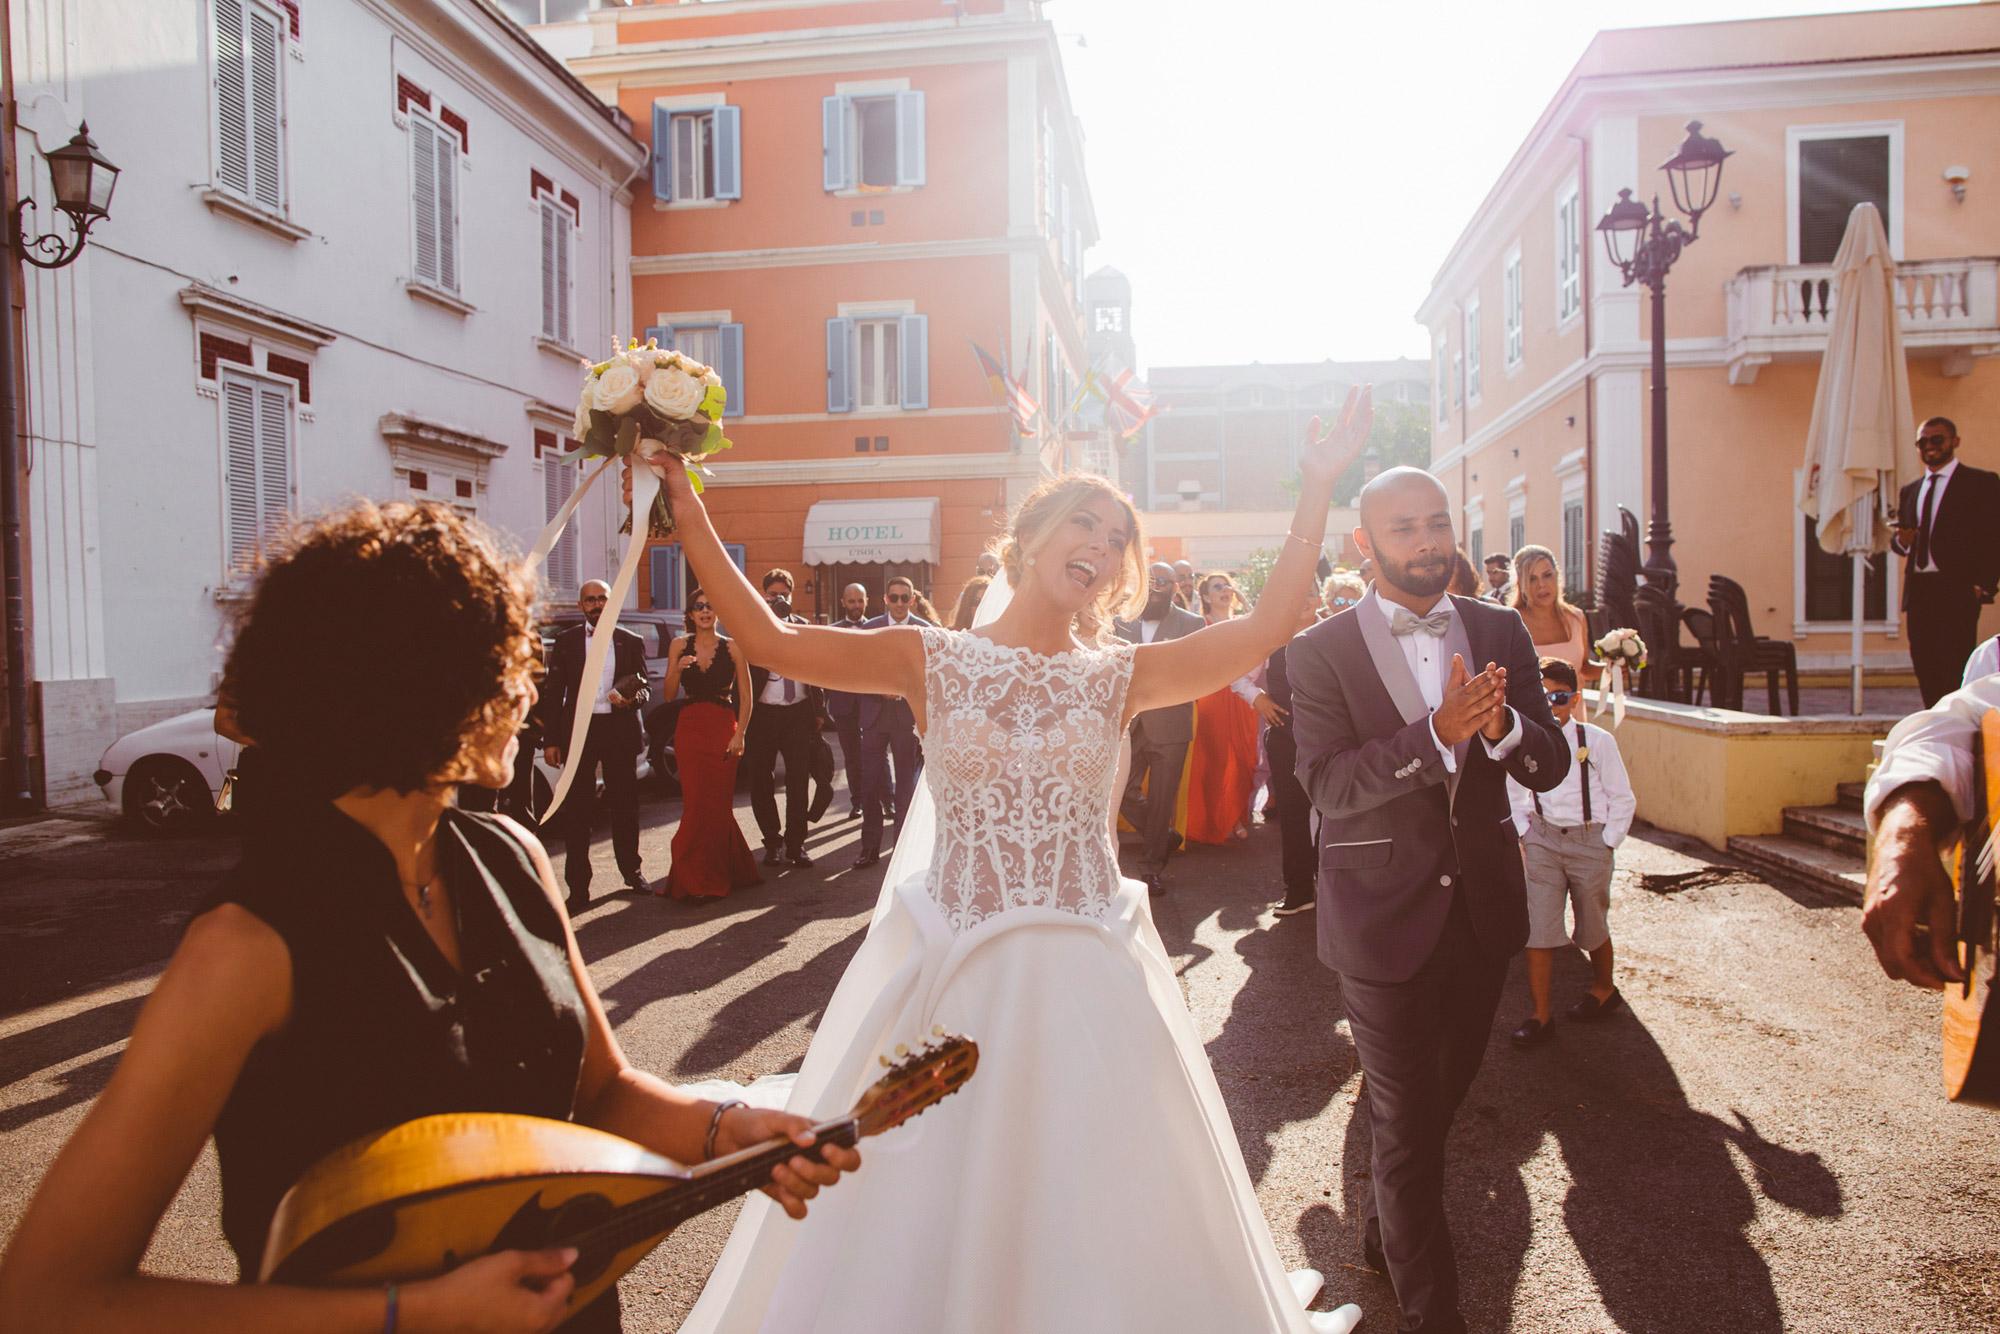 064-santamarinella-wedding-castello-odescalchi.jpg